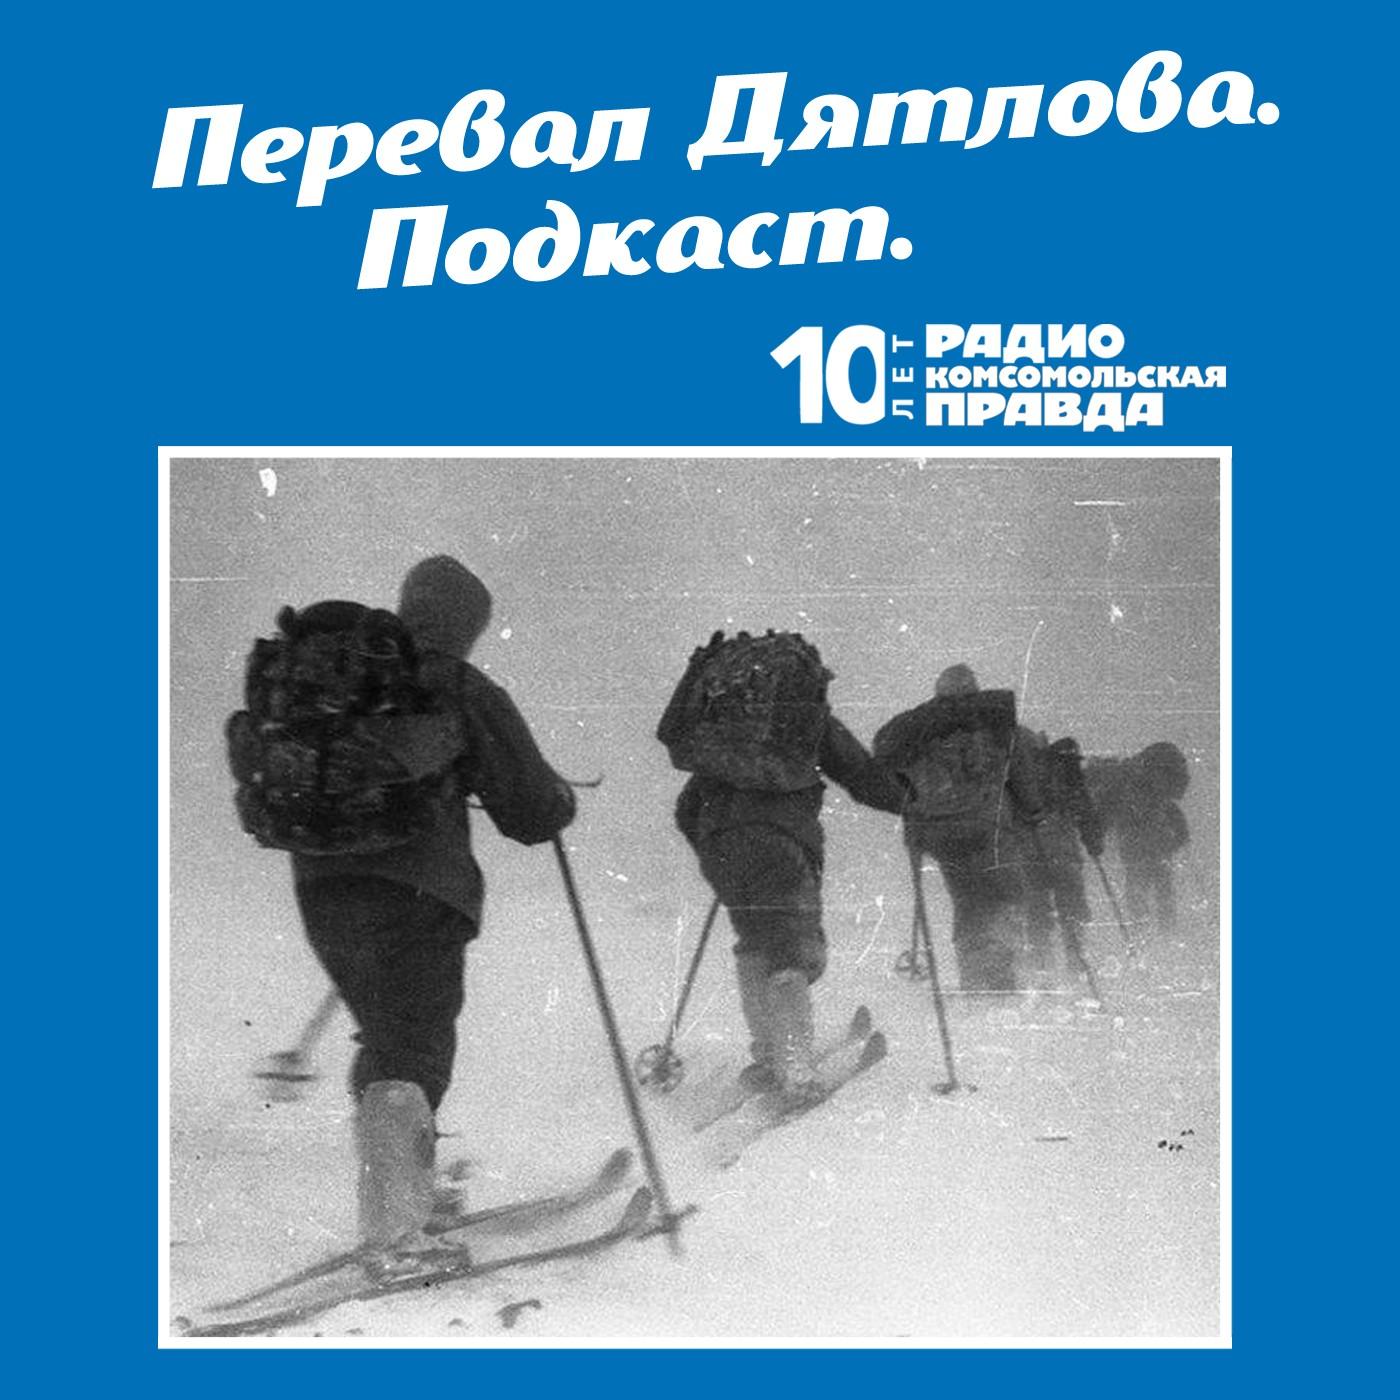 Трагедия на перевале Дятлова: 64 версии загадочной гибели туристов в 1959 году. Часть 85 и 86 фото